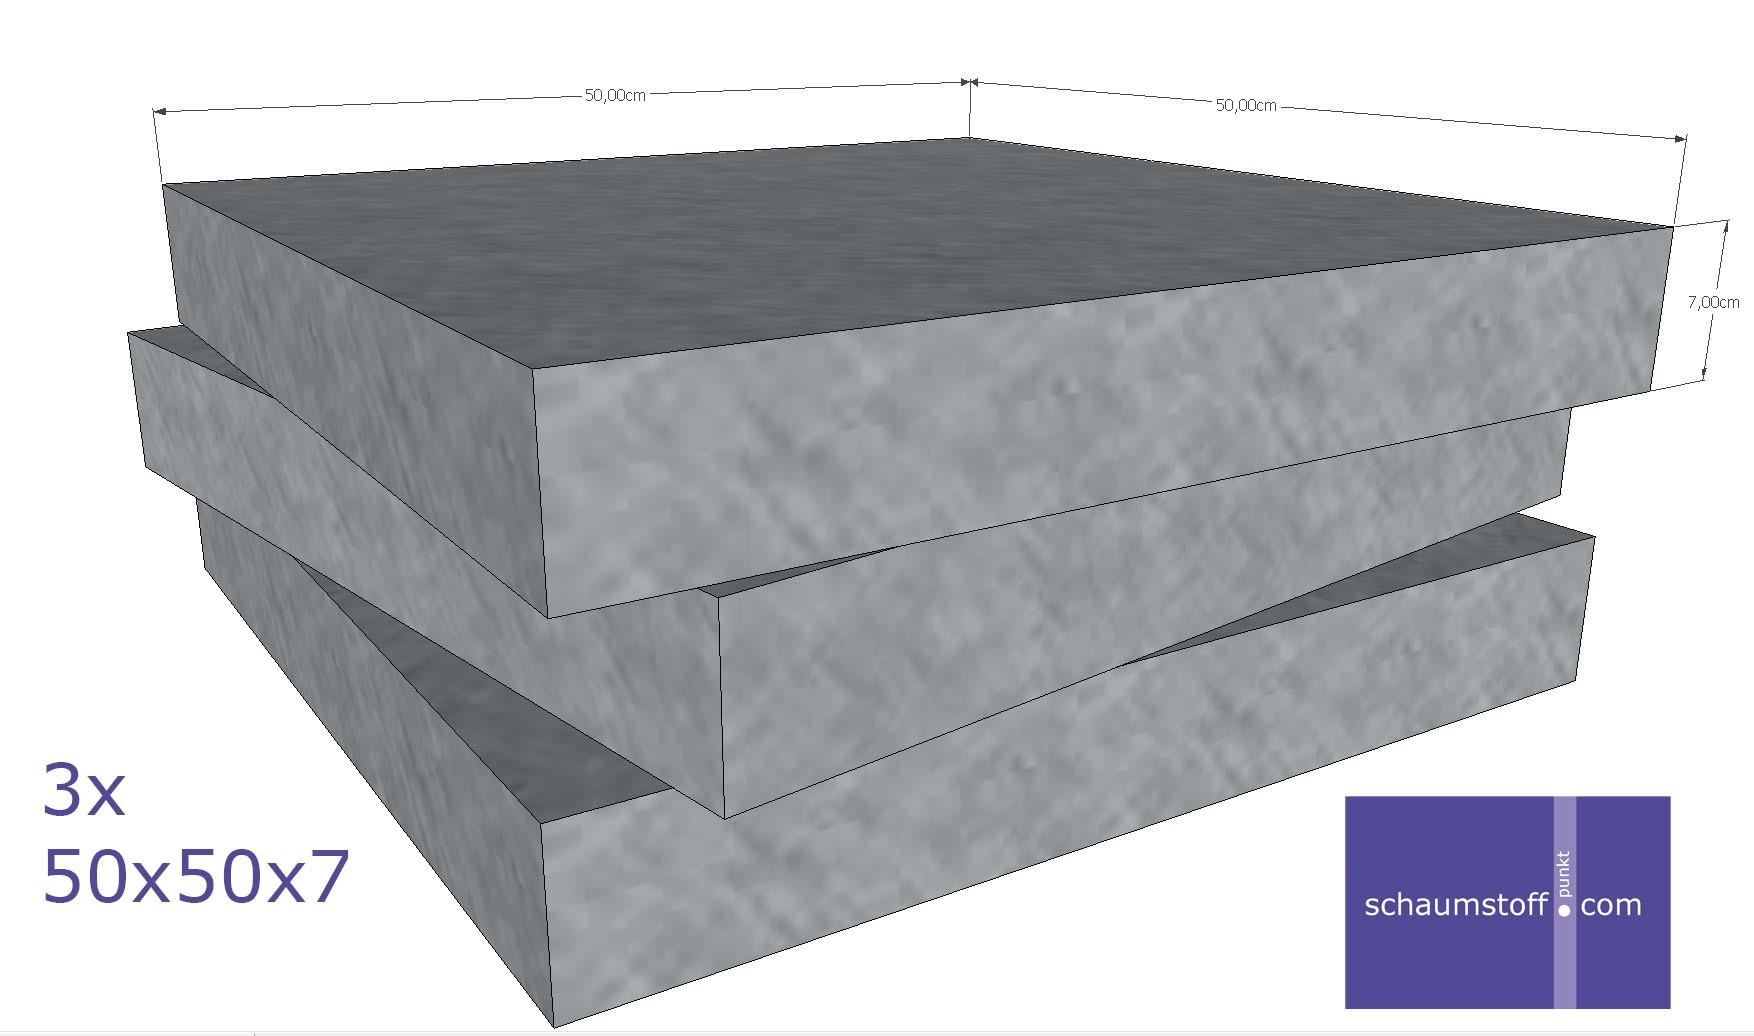 schaumstoff platten set 3x 50x50x7cm als posterauflage verpackung sitzkissen etc. Black Bedroom Furniture Sets. Home Design Ideas